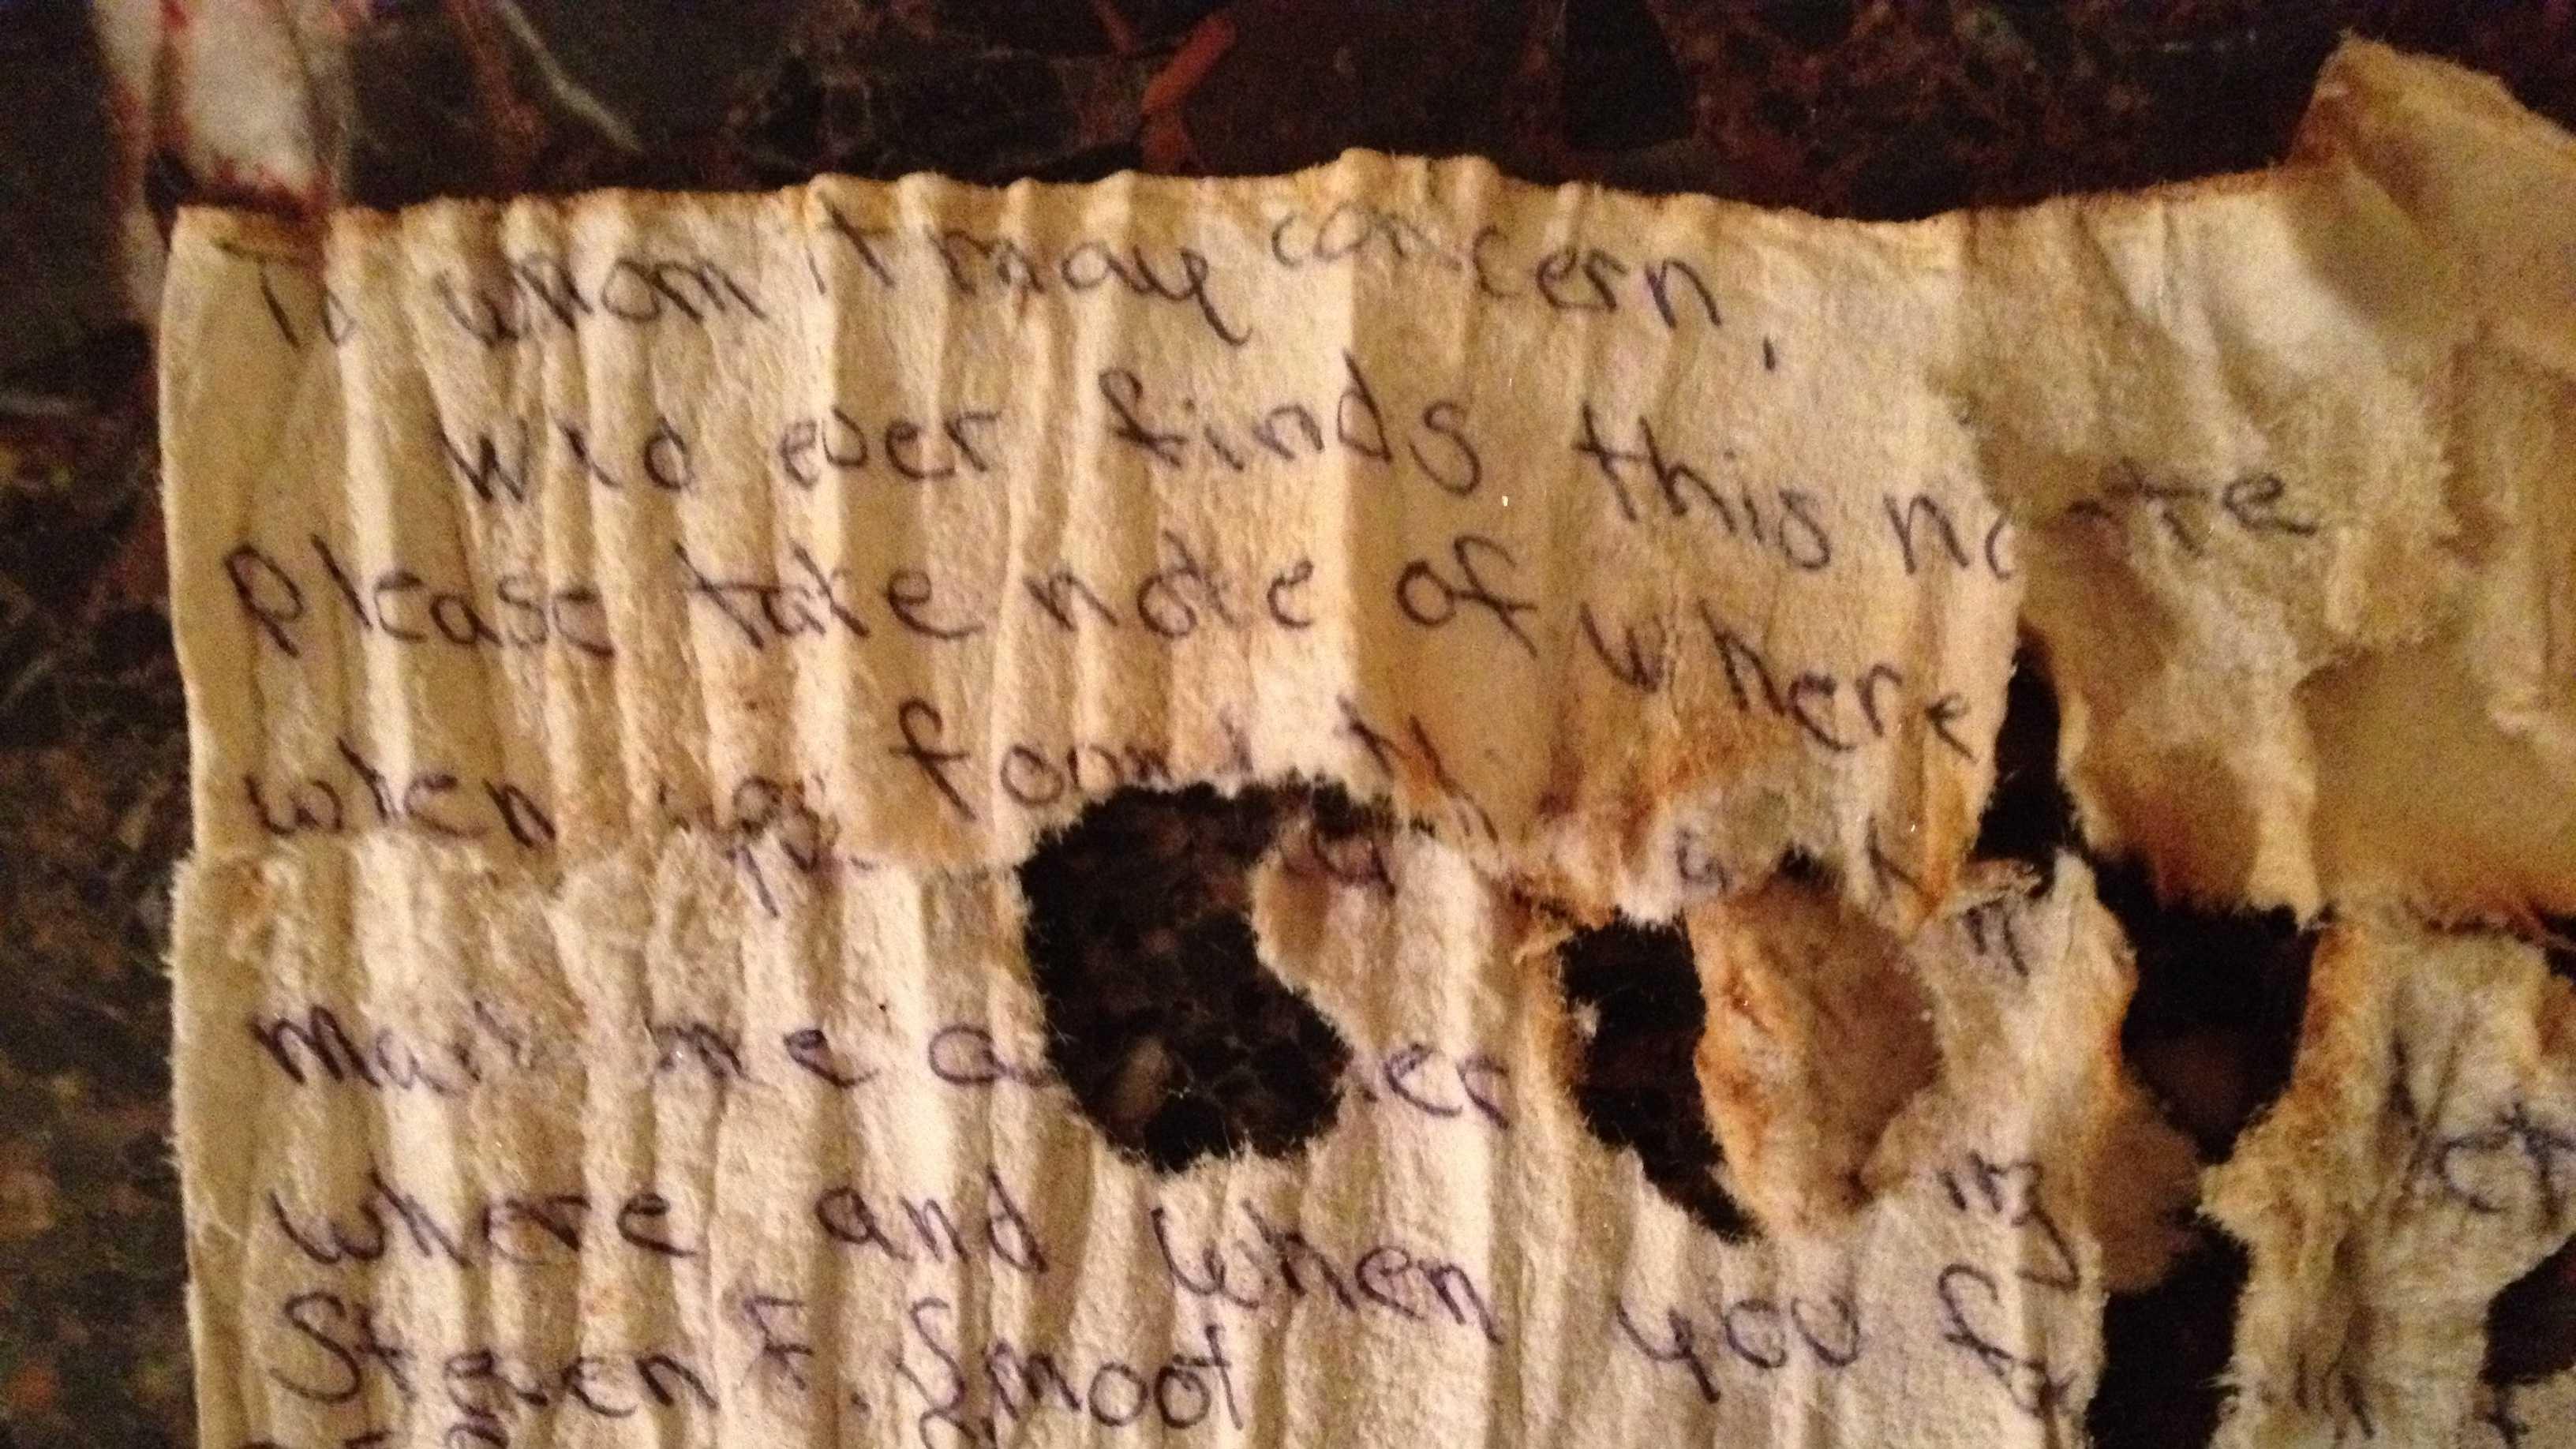 Letter in a bottle